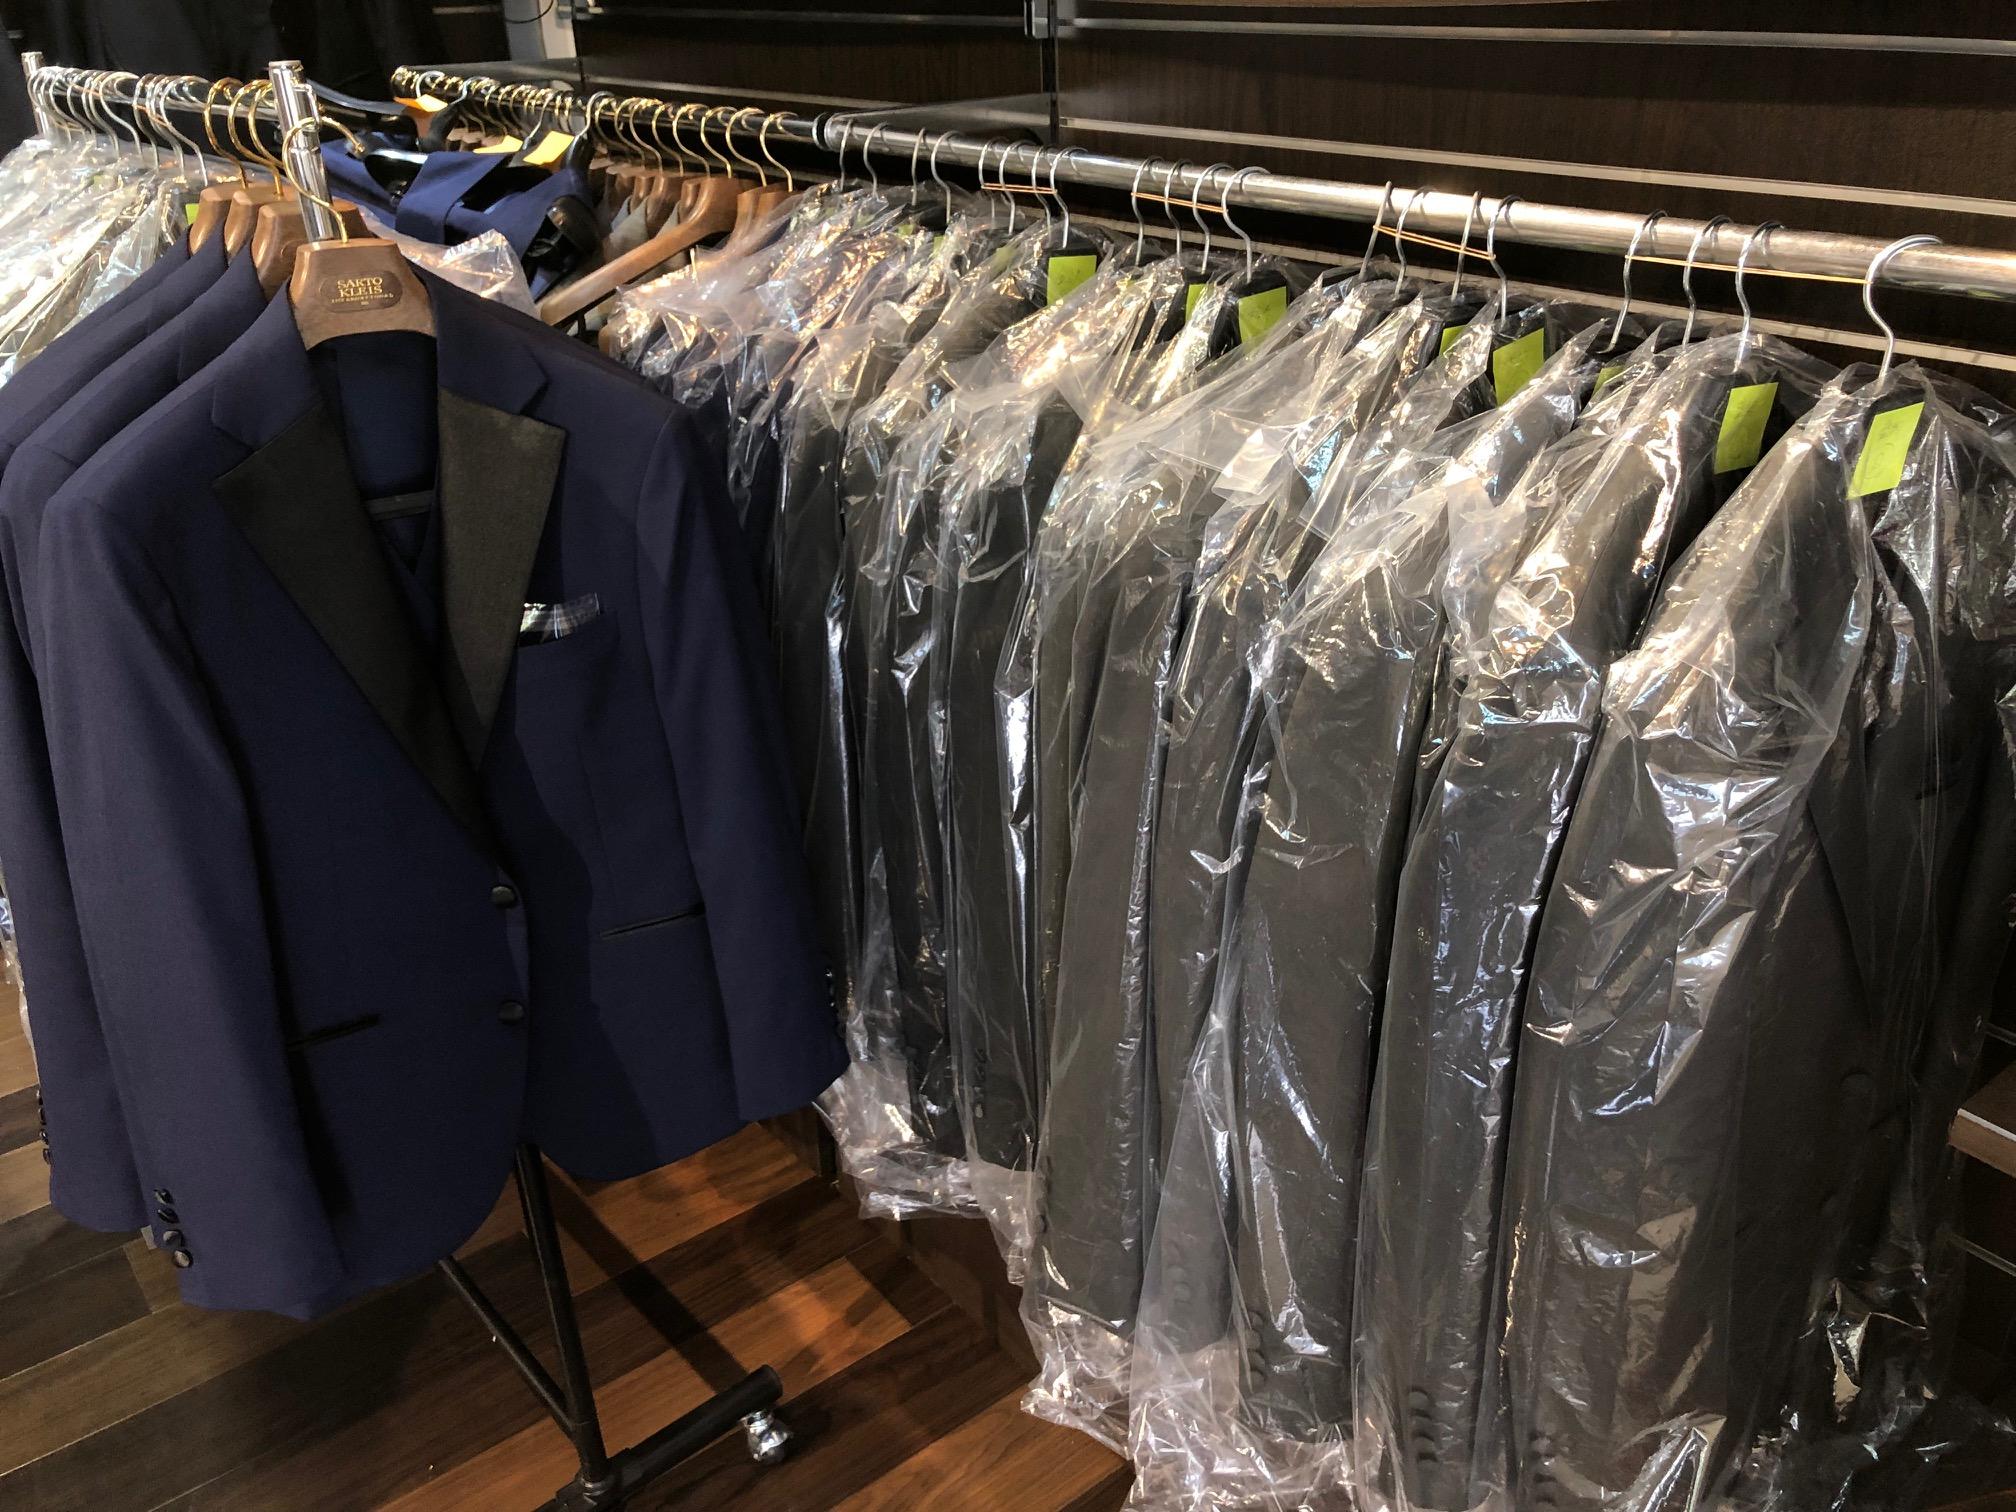 2019.10.2 1 - 【新郎向け】結婚式、タキシードのレンタル衣装は損する?おすすめはオーダータキシード